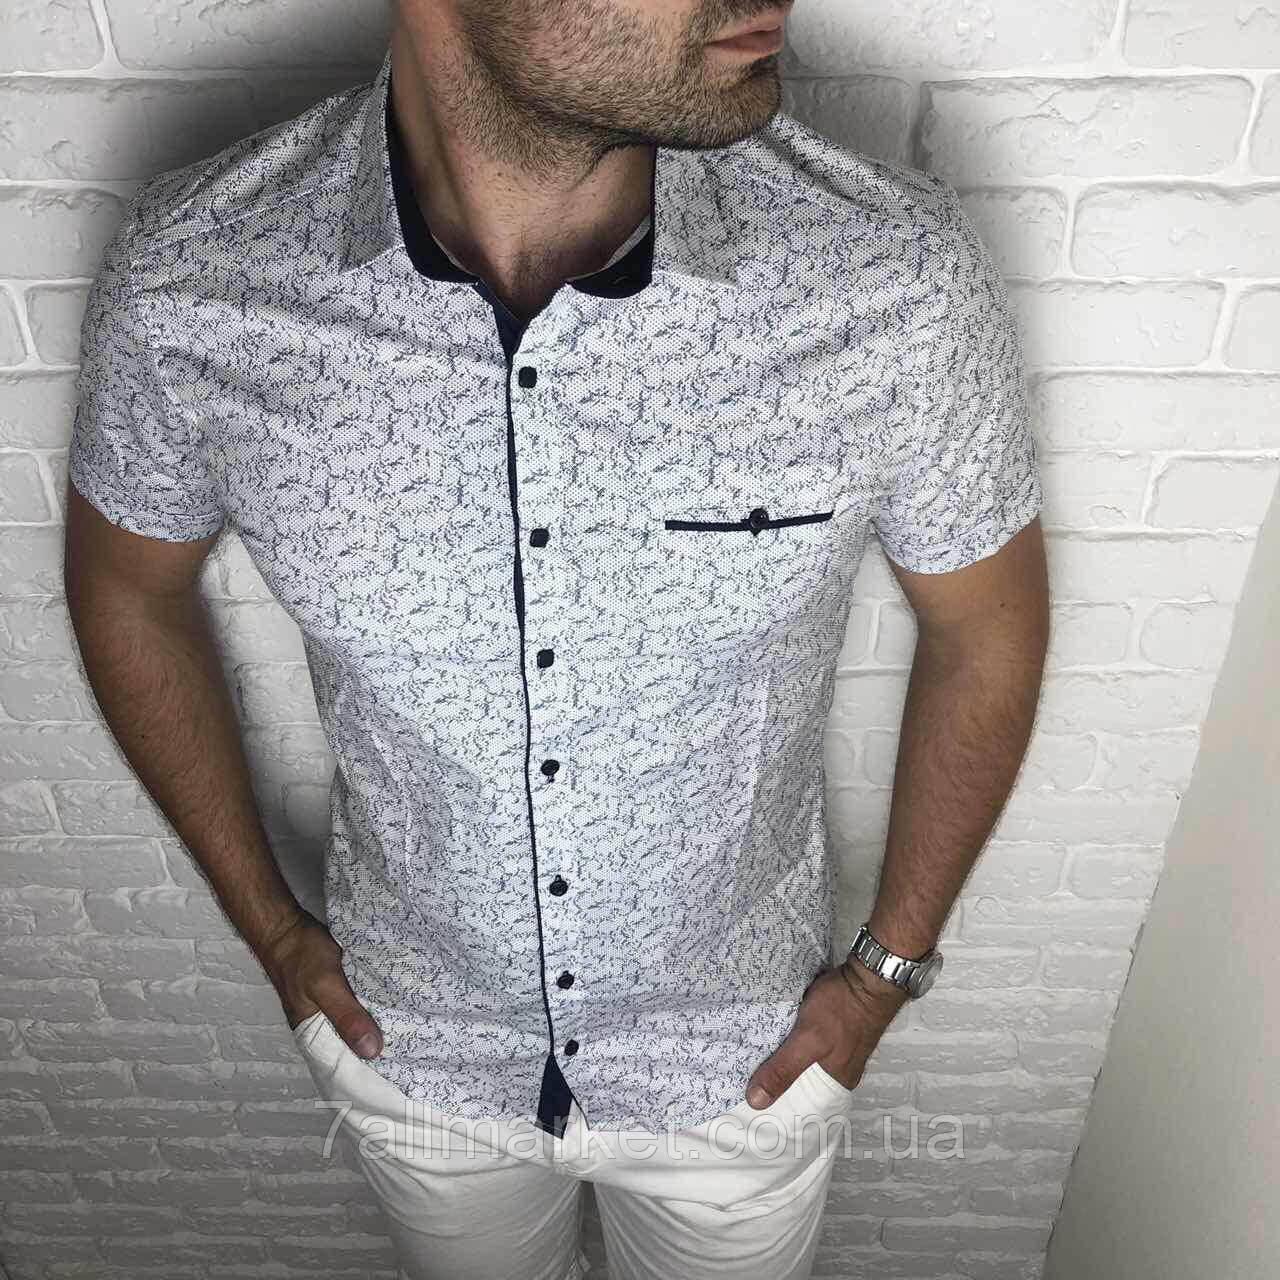 """Рубашка мужская короткий рукав JUNIOR EMRE , р-ры XS-L""""EMRE"""" купить недорого от прямого поставщика"""